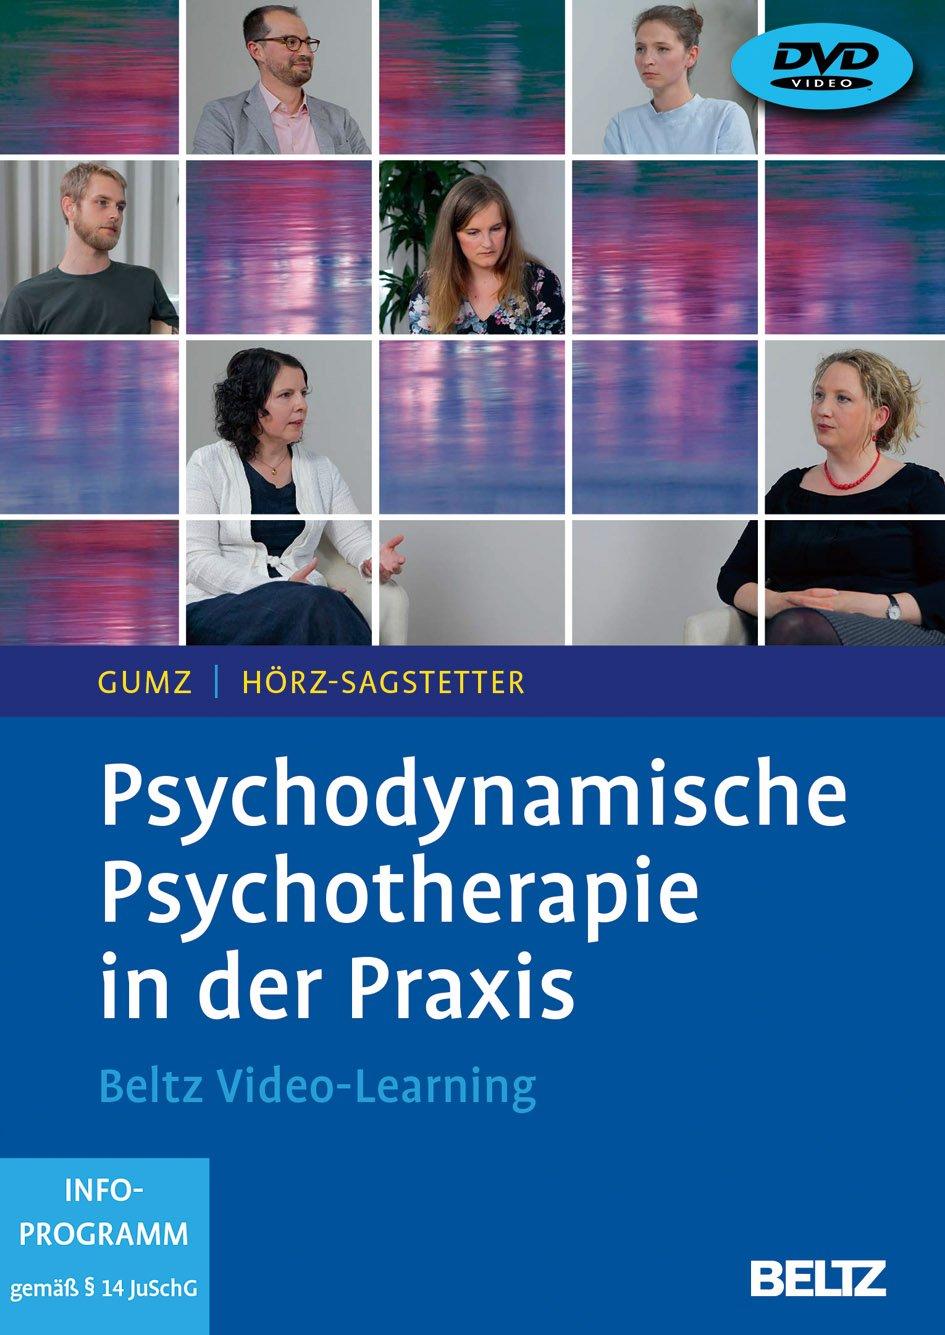 Psychodynamische Psychotherapie in der Praxis - Videodarstellungen auf DVD